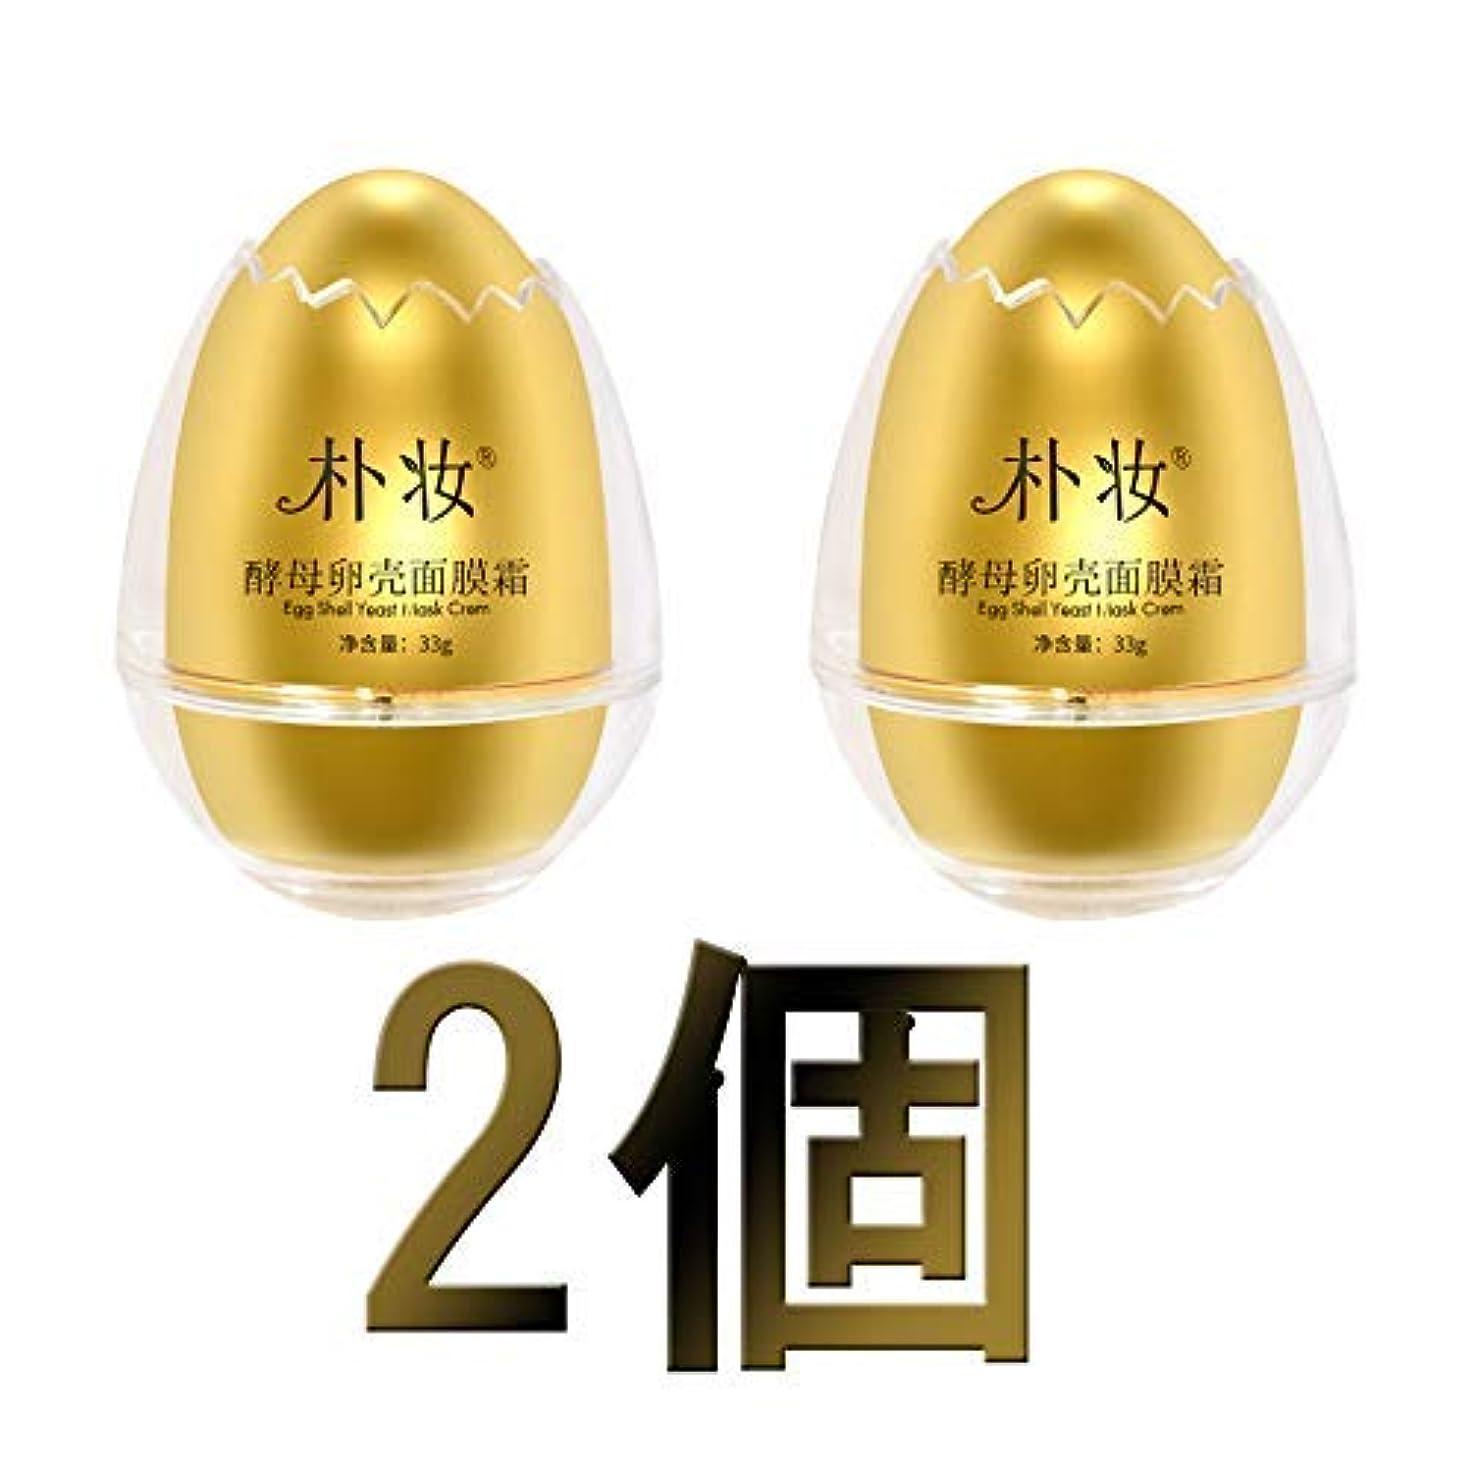 バット無効おんどり朴妆たんたんパックx2個 酵母卵殻マスククリーム33g しっとりと た肌,シュリンクポア,しわ耐性,肌を引っ張る、